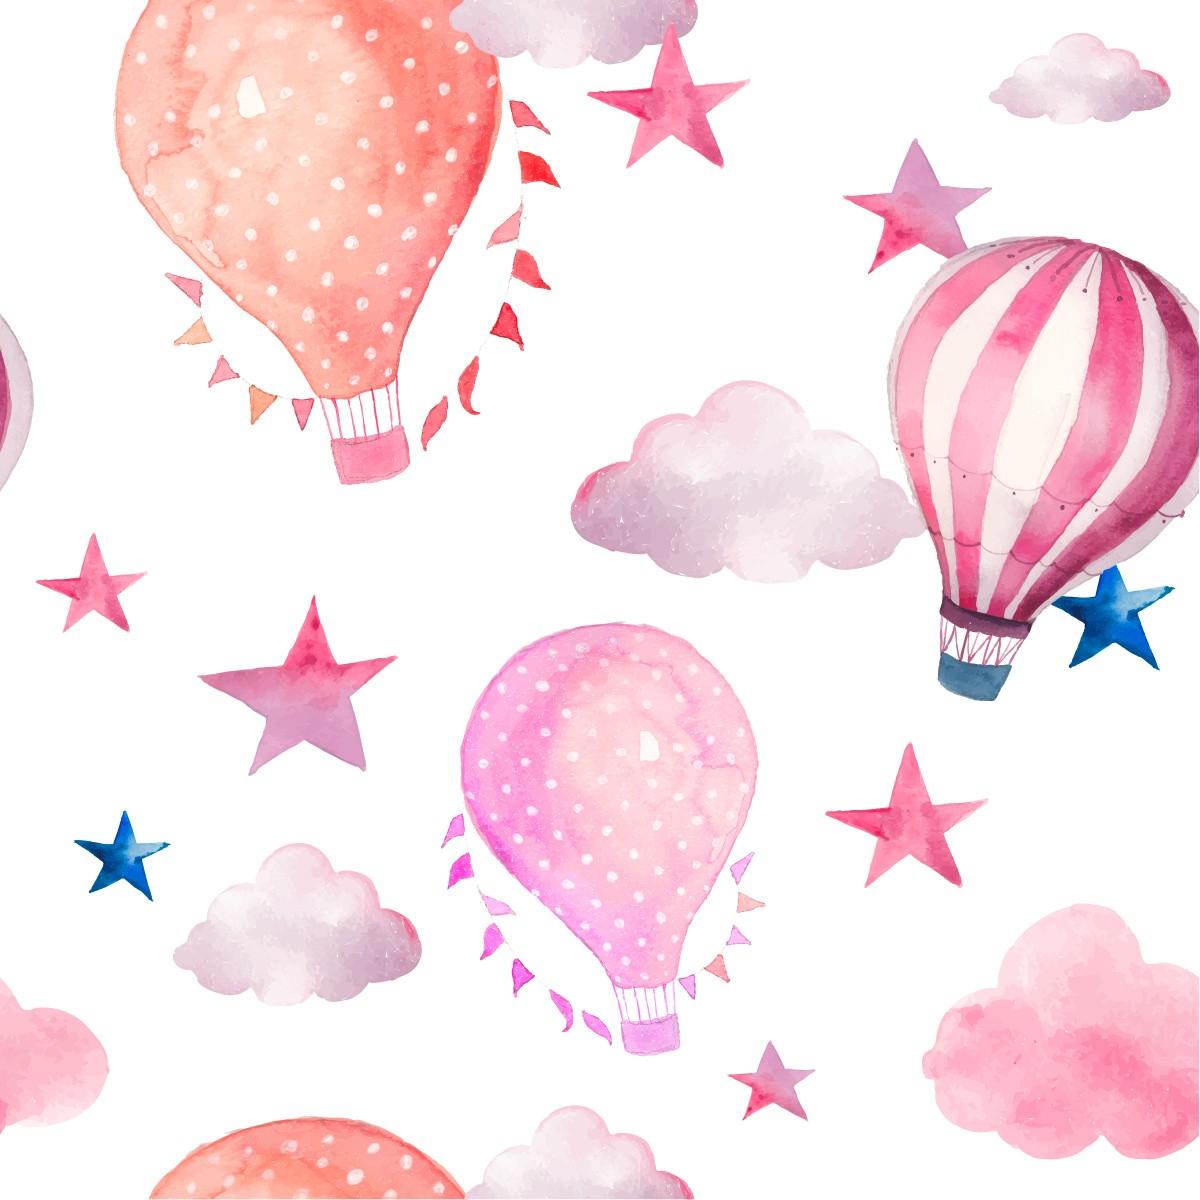 Papel de Parede Balão Nuvens Estrelas Kids Adesivo